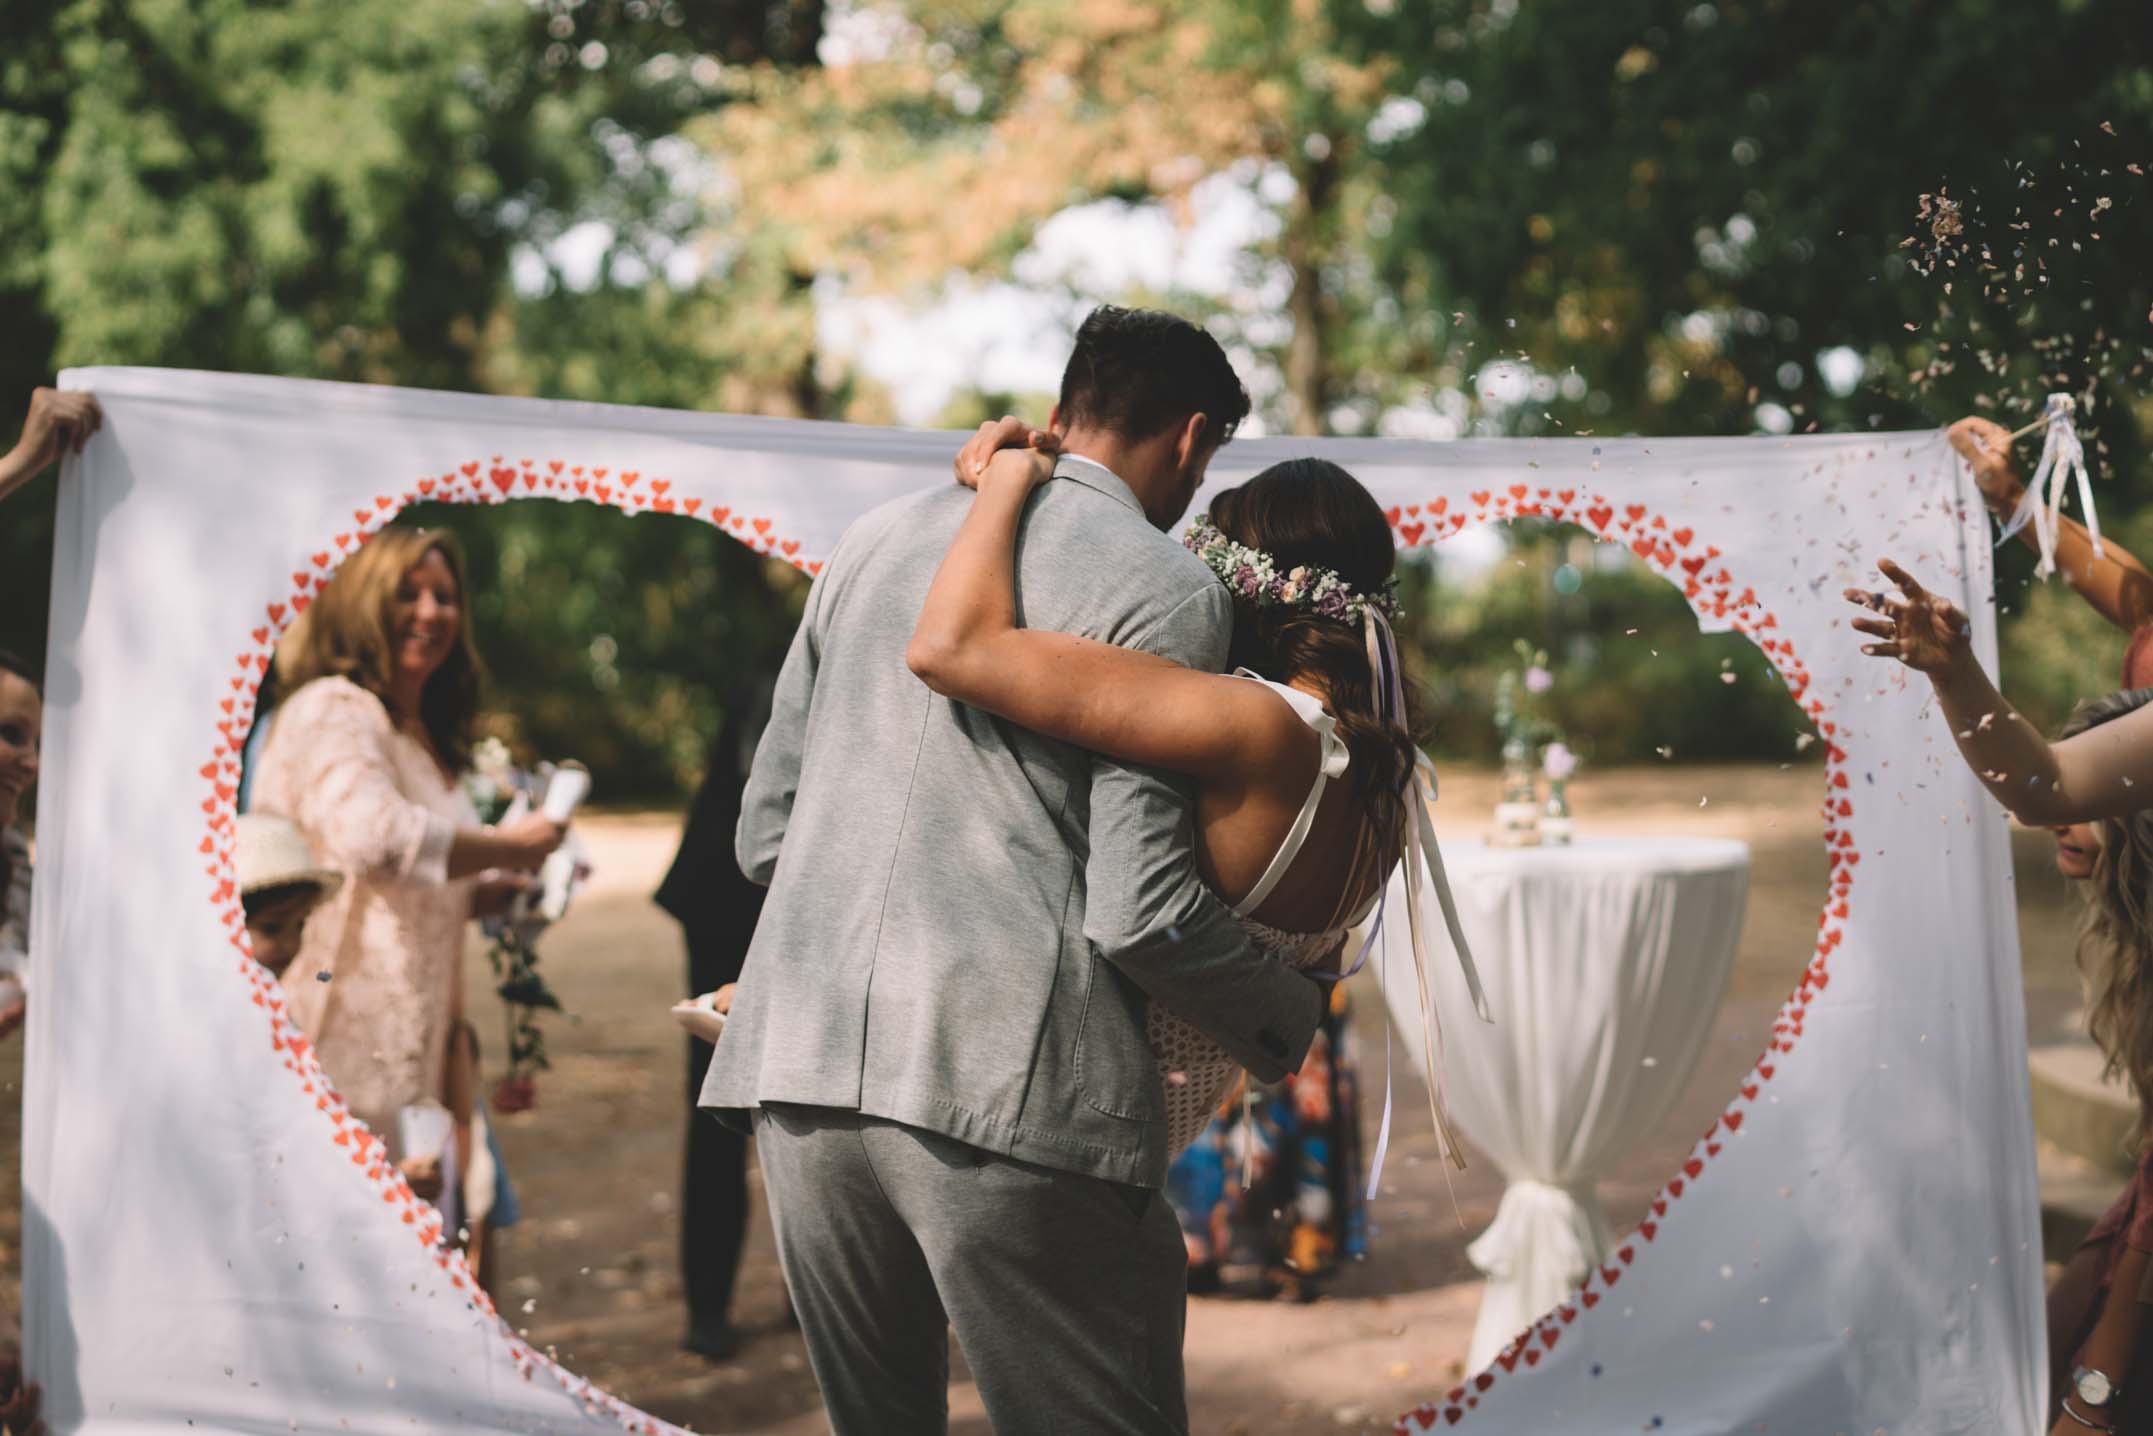 Der Bräutigam trägt seine Braut auf Händen.